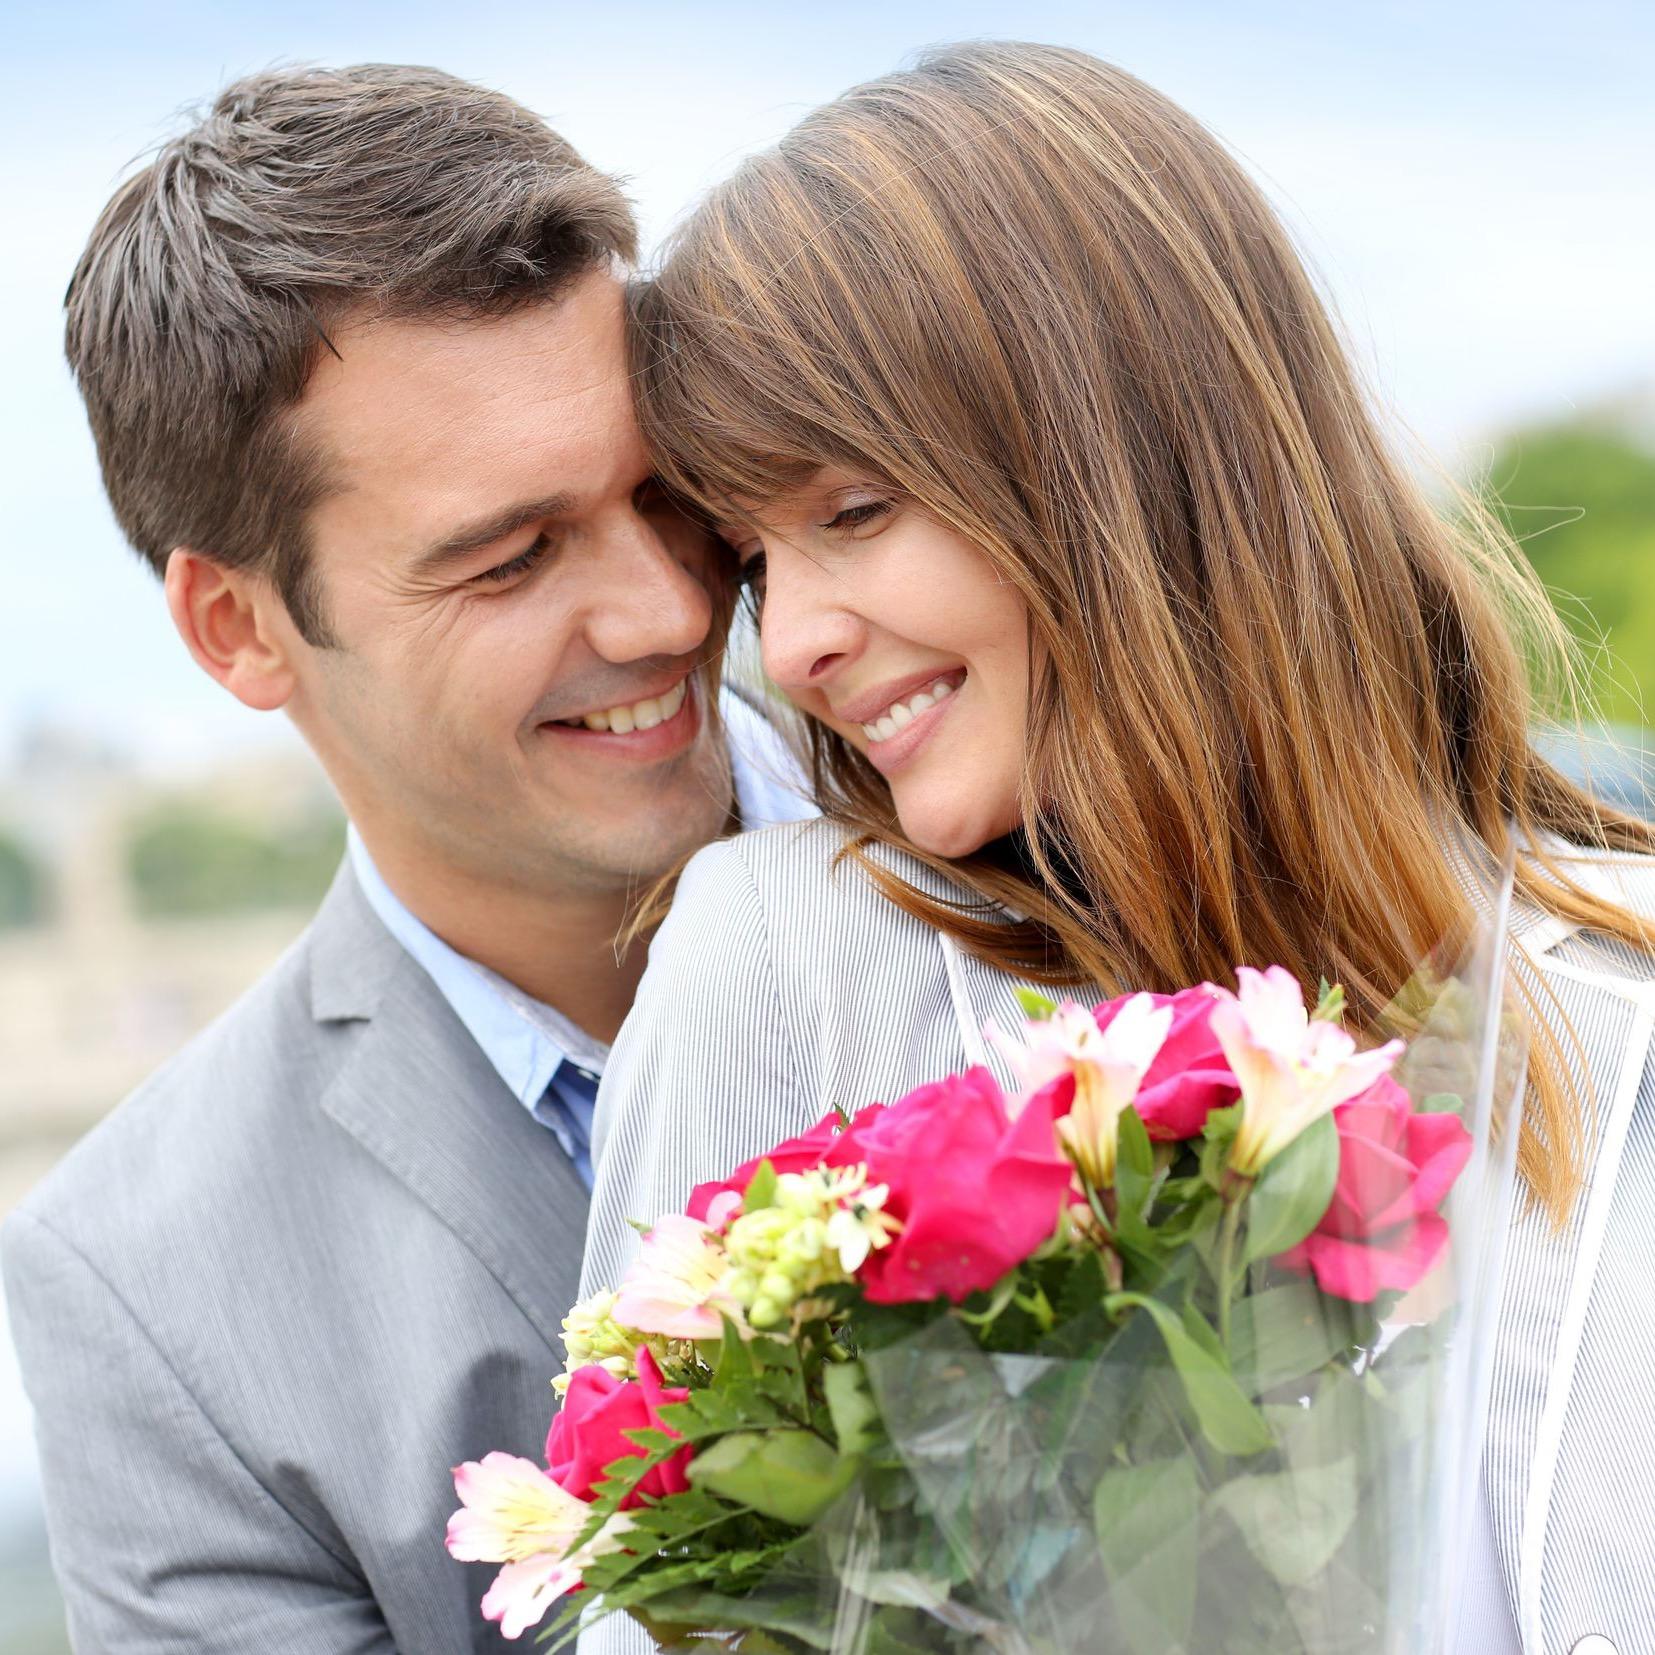 картинки как мужчины дарят цветы парень задатками креативного